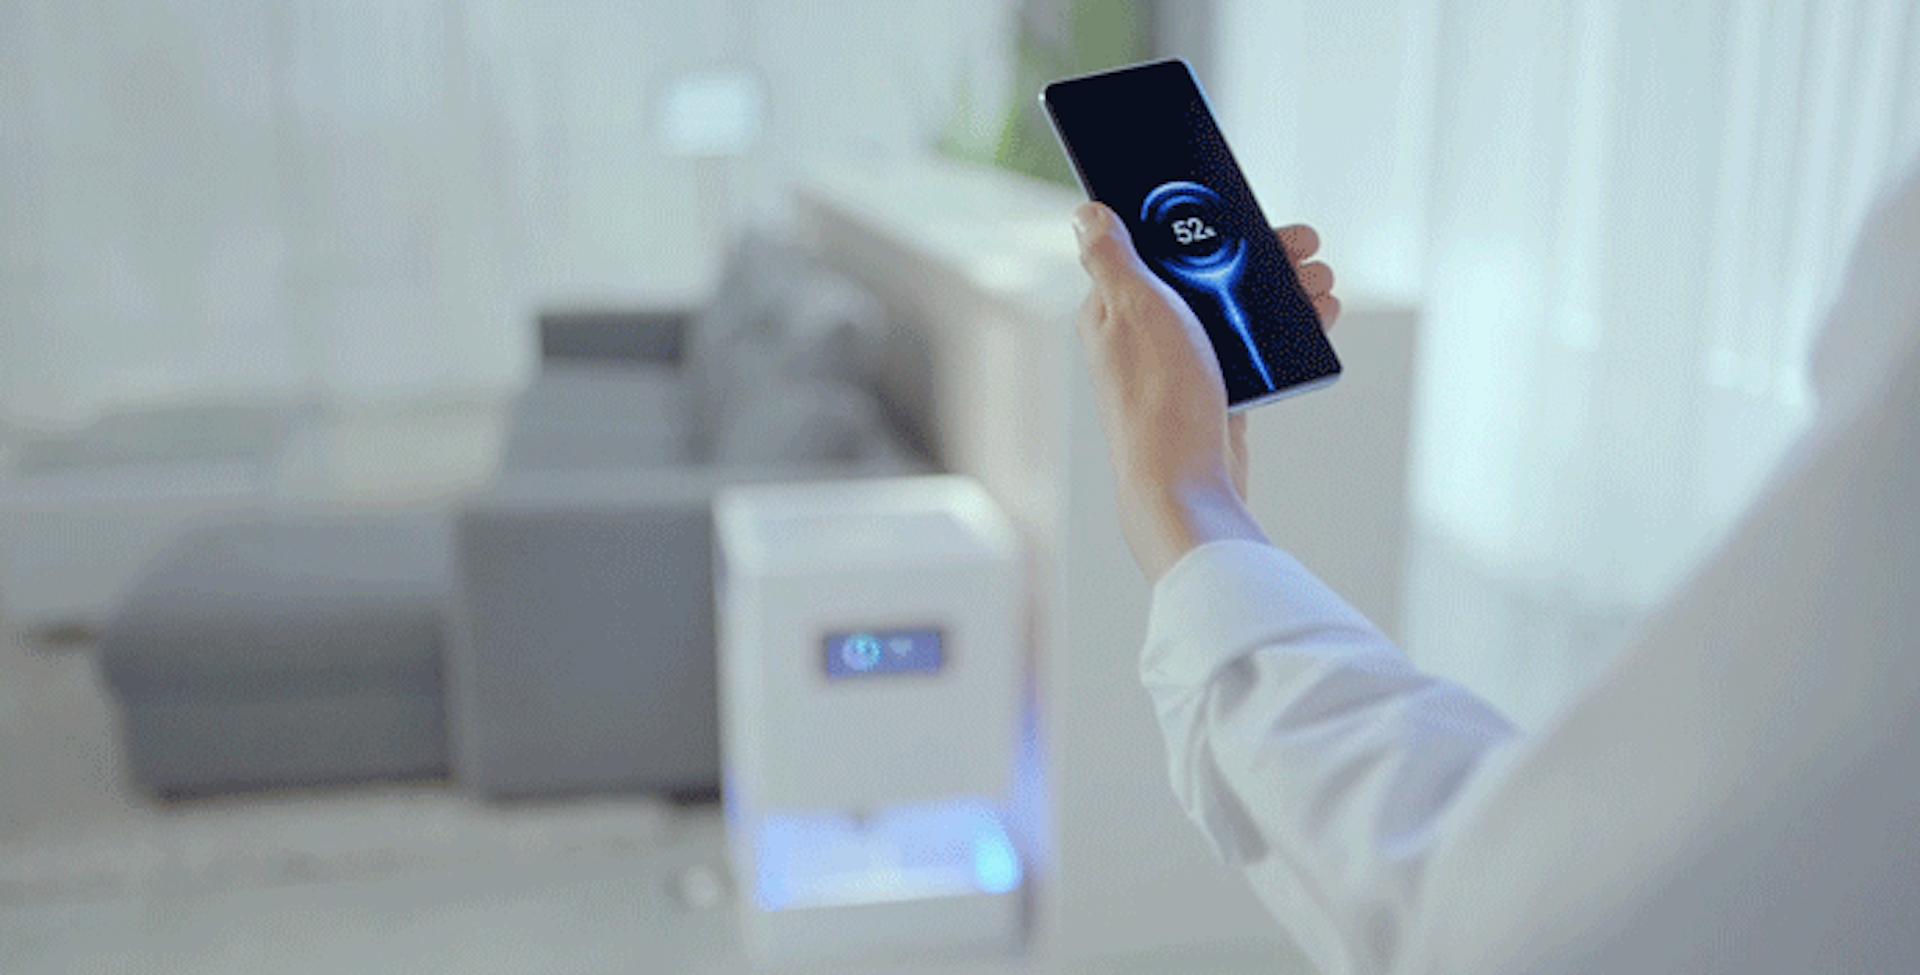 Sin cables ni soportes: lo nuevo de Xiaomi para cargar tu celular de forma inalámbrica